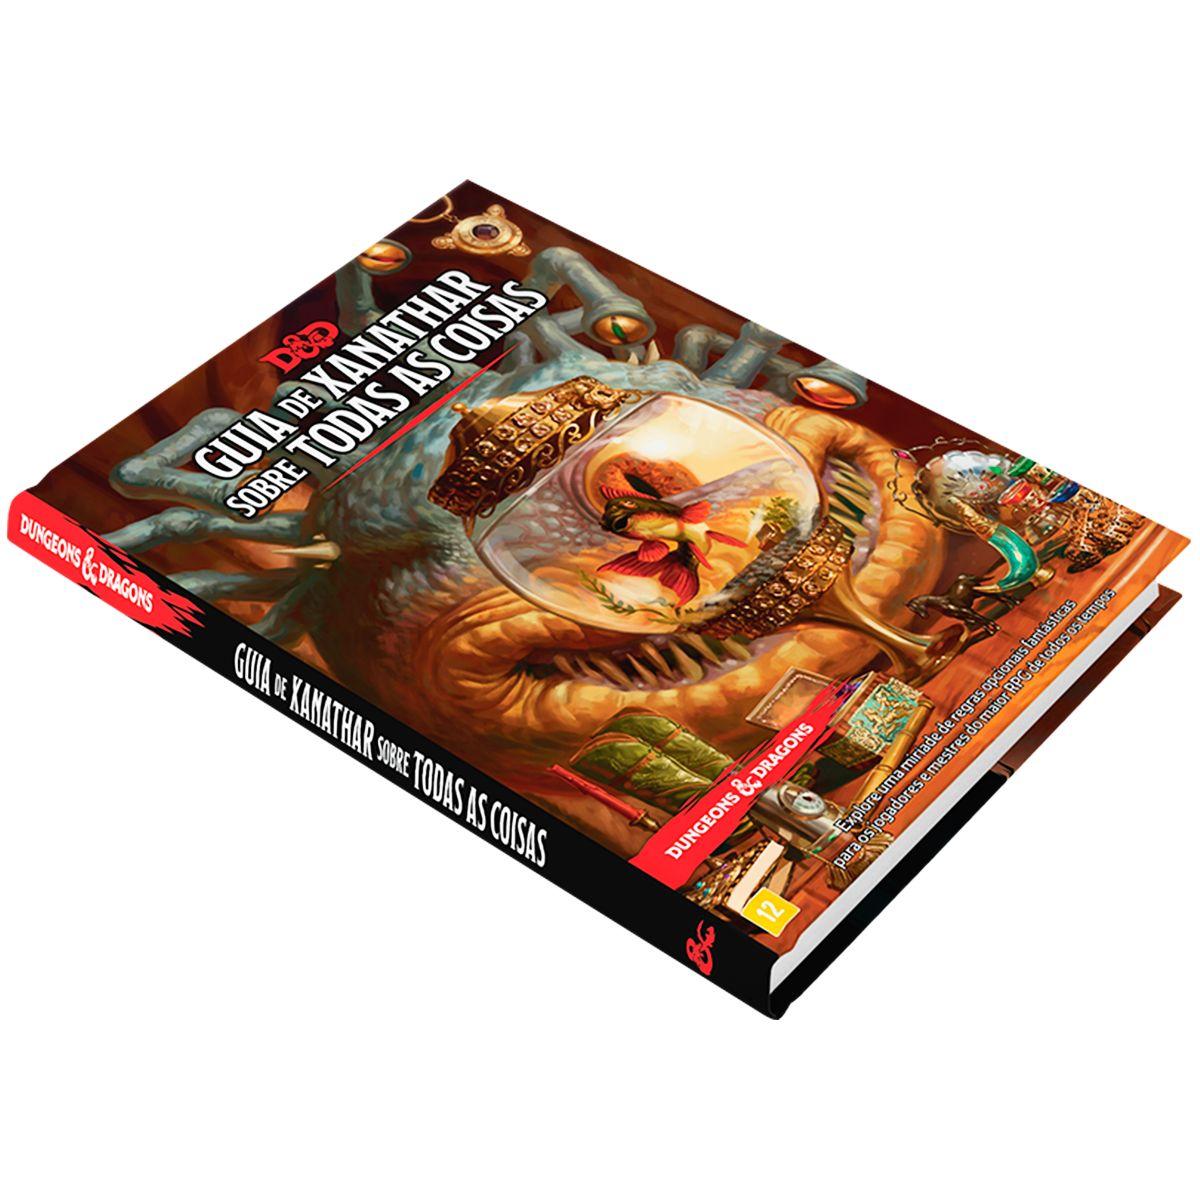 Livro Dungeons Dragons Guia de Xanathar para todas as Coisas Rpg